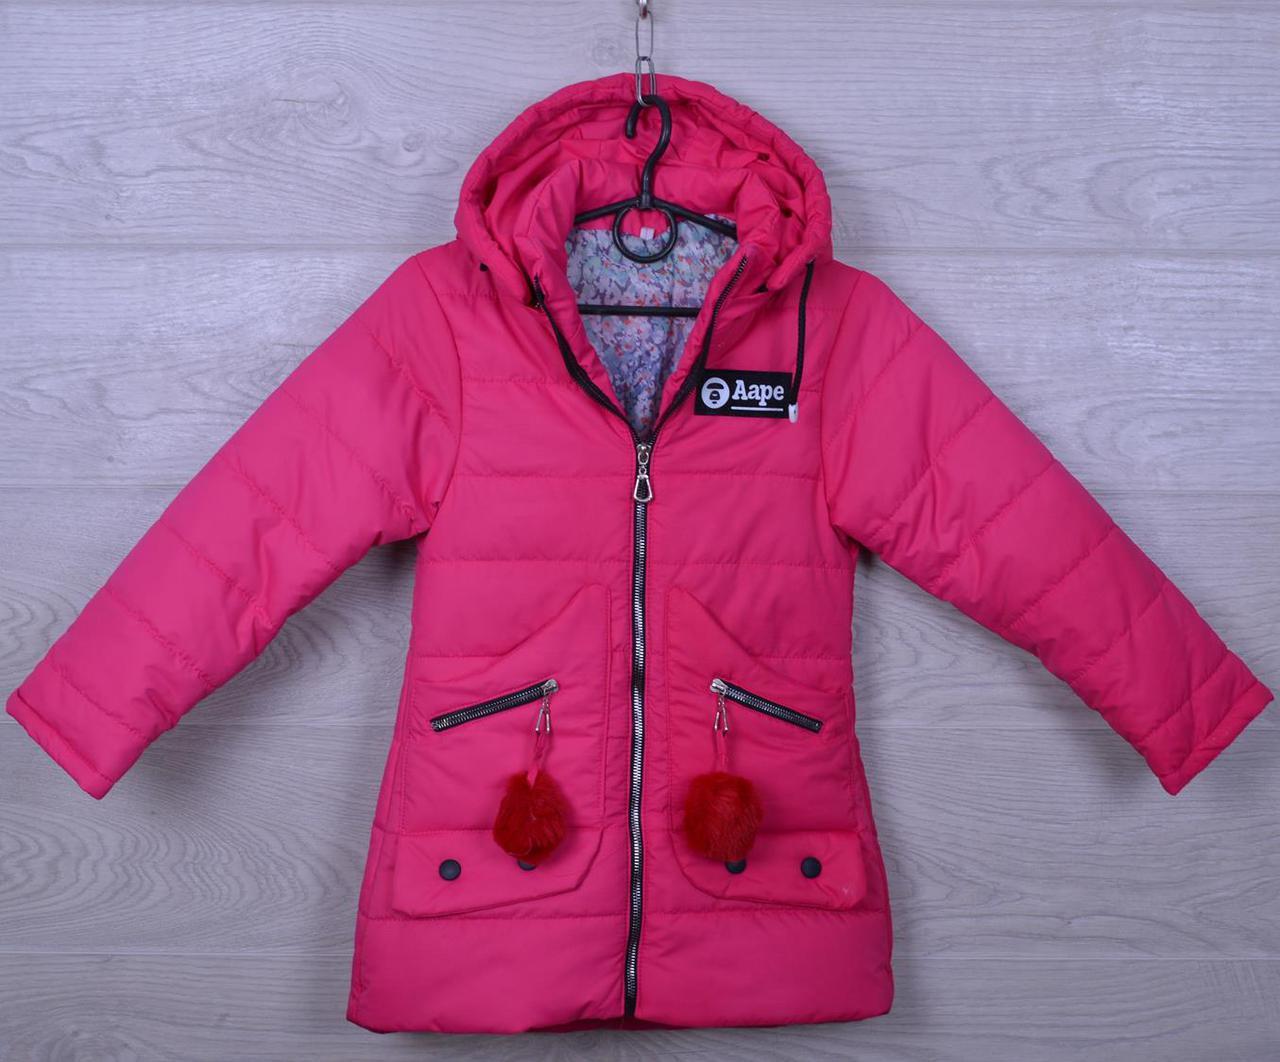 """Куртка детская демисезонная """"AaPe"""" для девочек. 5-9 лет. Удлиненная модель. Малиновая. Оптом."""